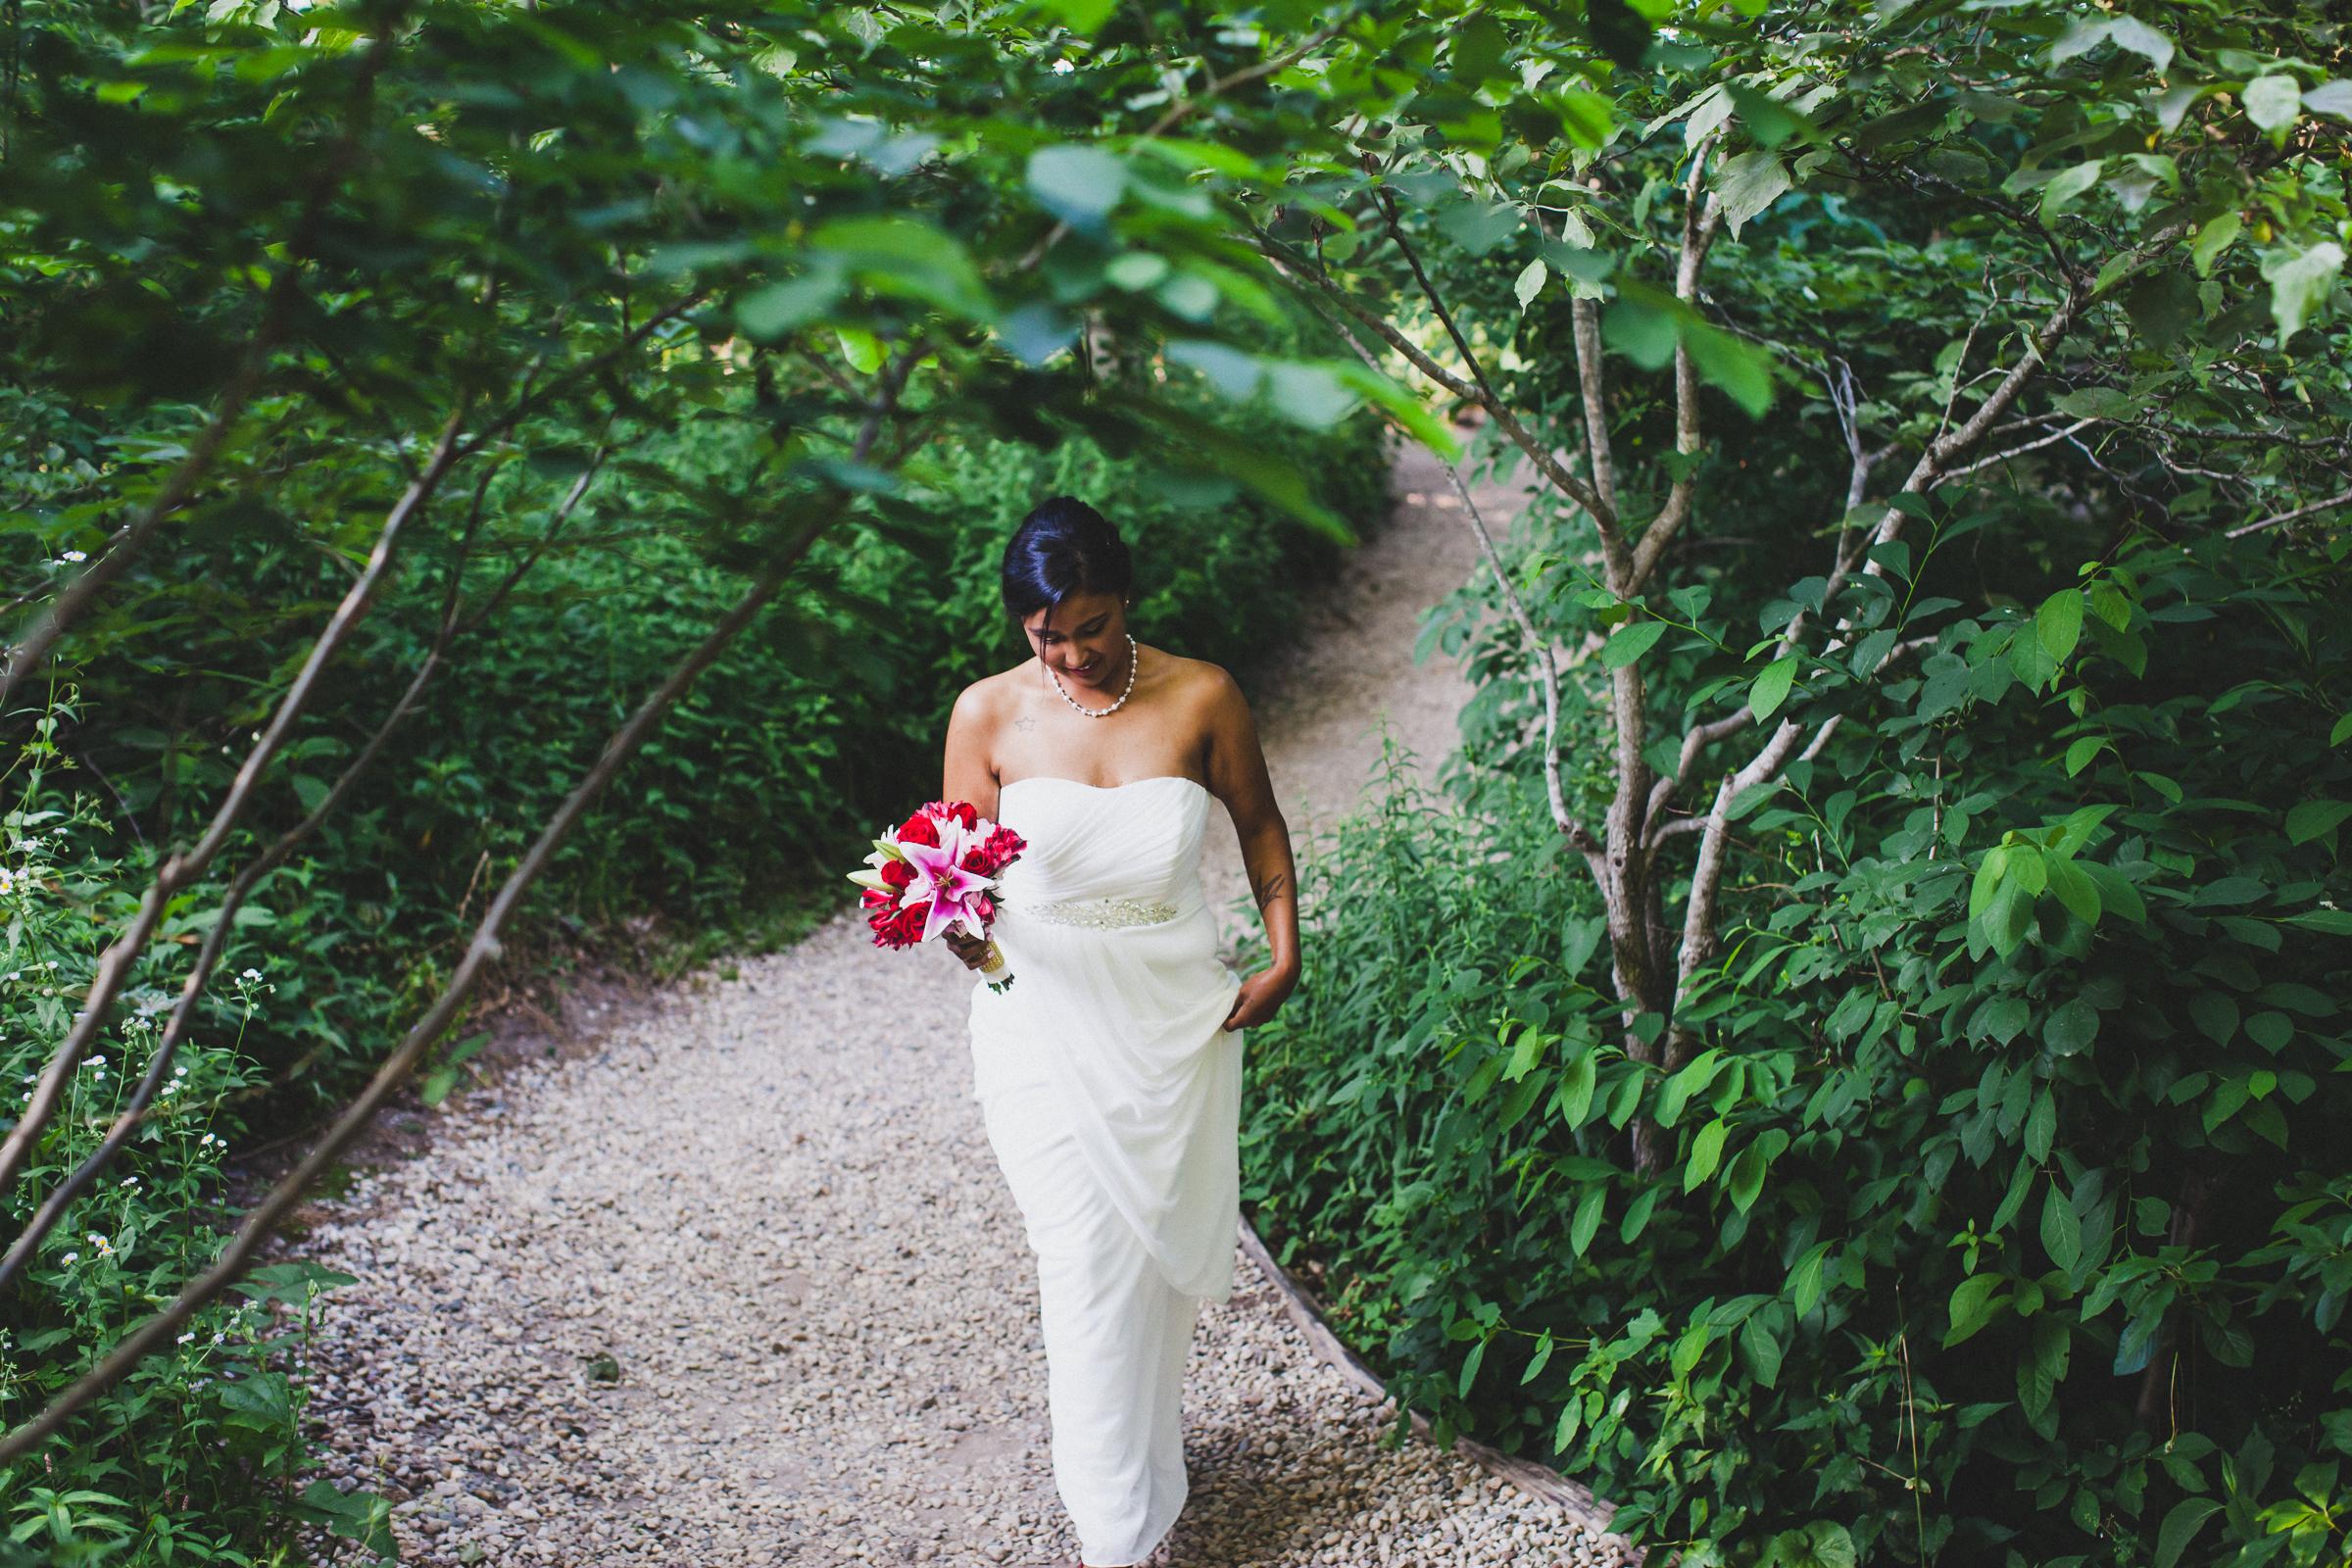 Long-Island-Documentary-Wedding-Photographer-Avalon-Park-Wedding-Photos-13.jpg